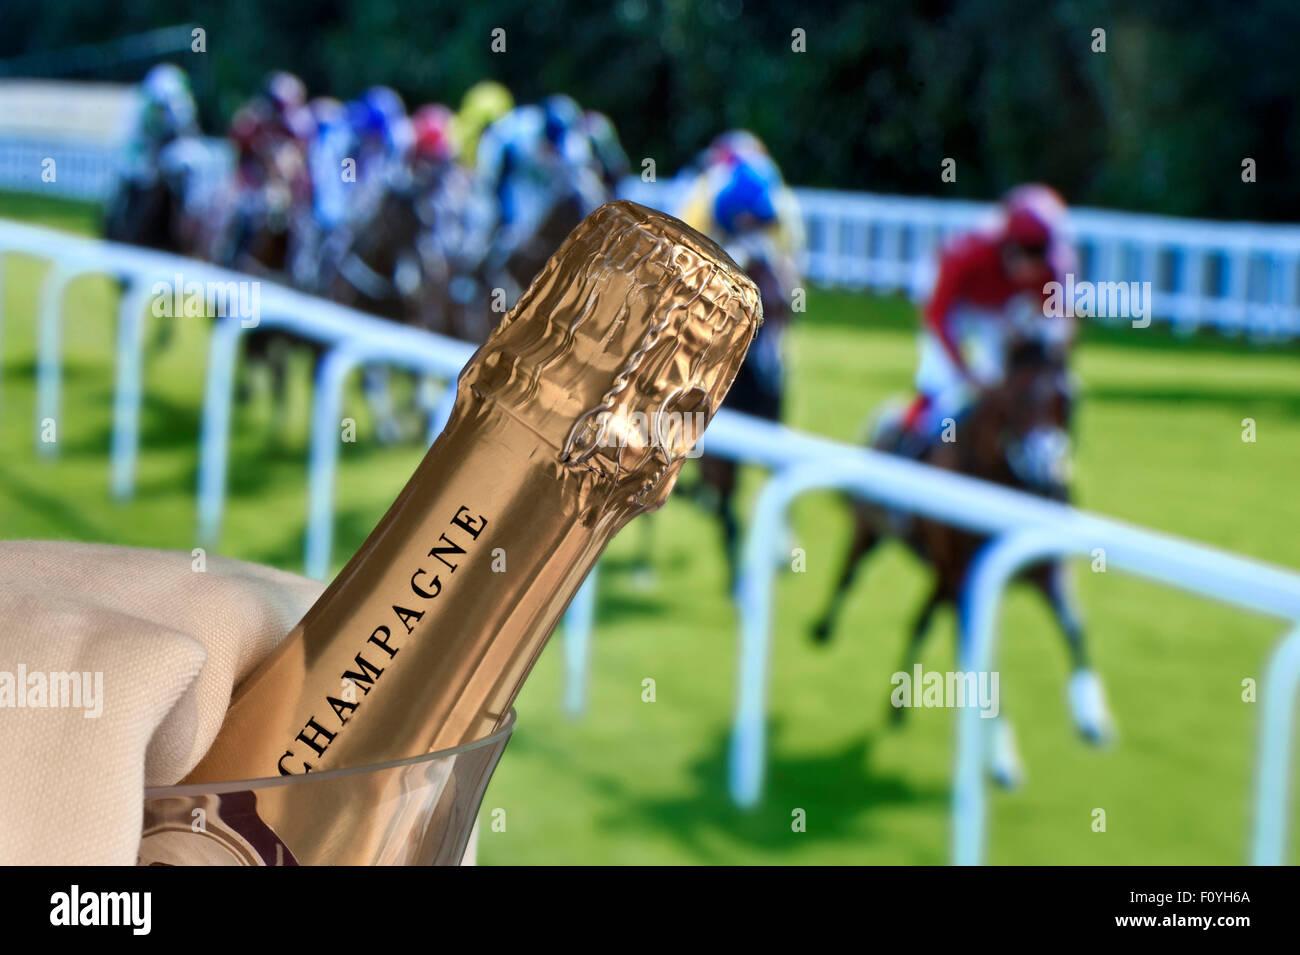 CHAMPAGNE corse di cavalli da corsa Champagne di lusso nel secchiello del ghiaccio con Signore giorno Royal Ascot Immagini Stock